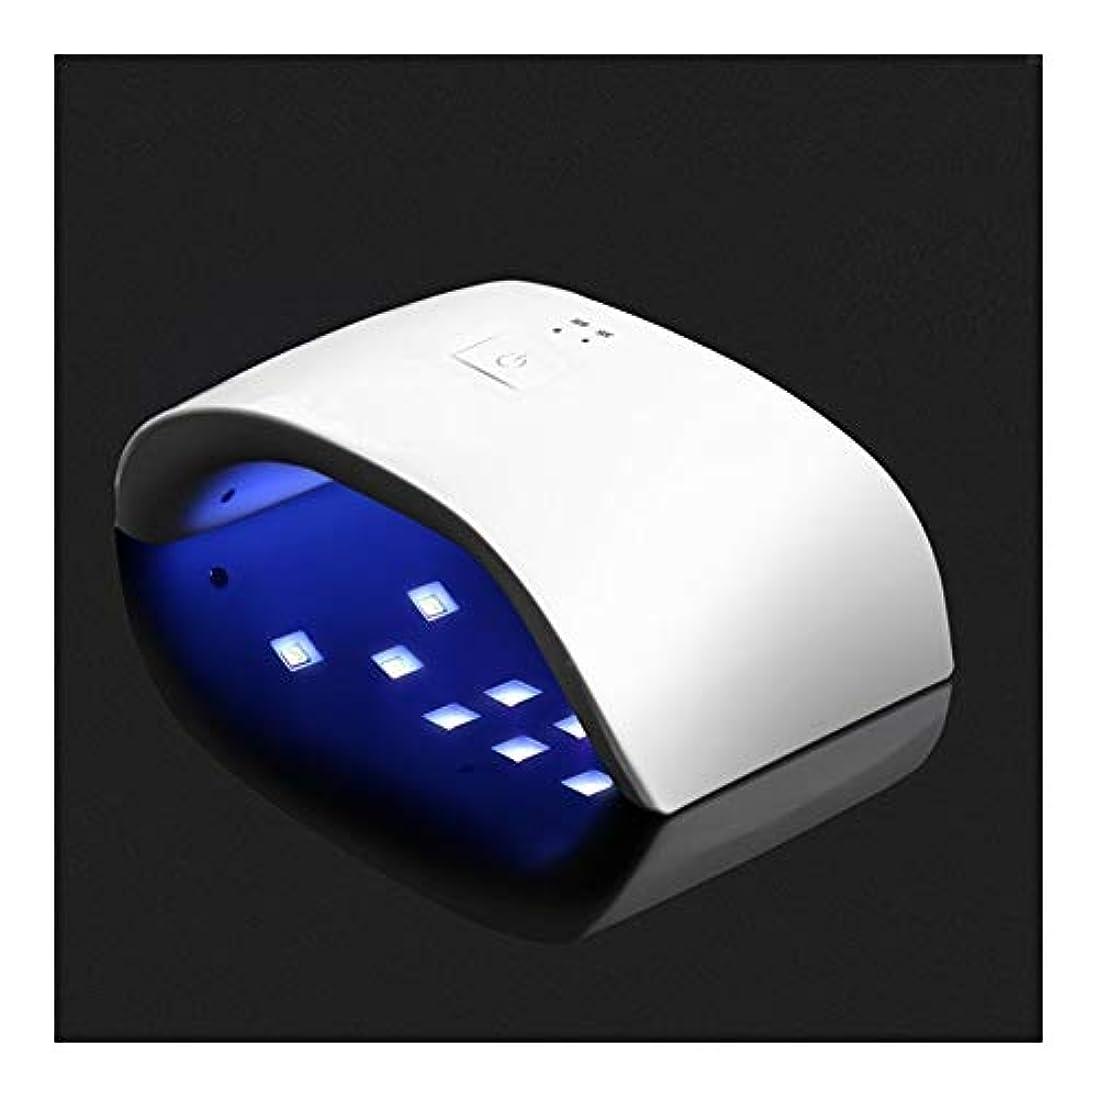 オペレーター靴思慮のないLittleCat 36WネイルUV誘導機ドライヤースマート主導ネイルポリッシュプラスチックヒートランプライト処理ツール (色 : White)